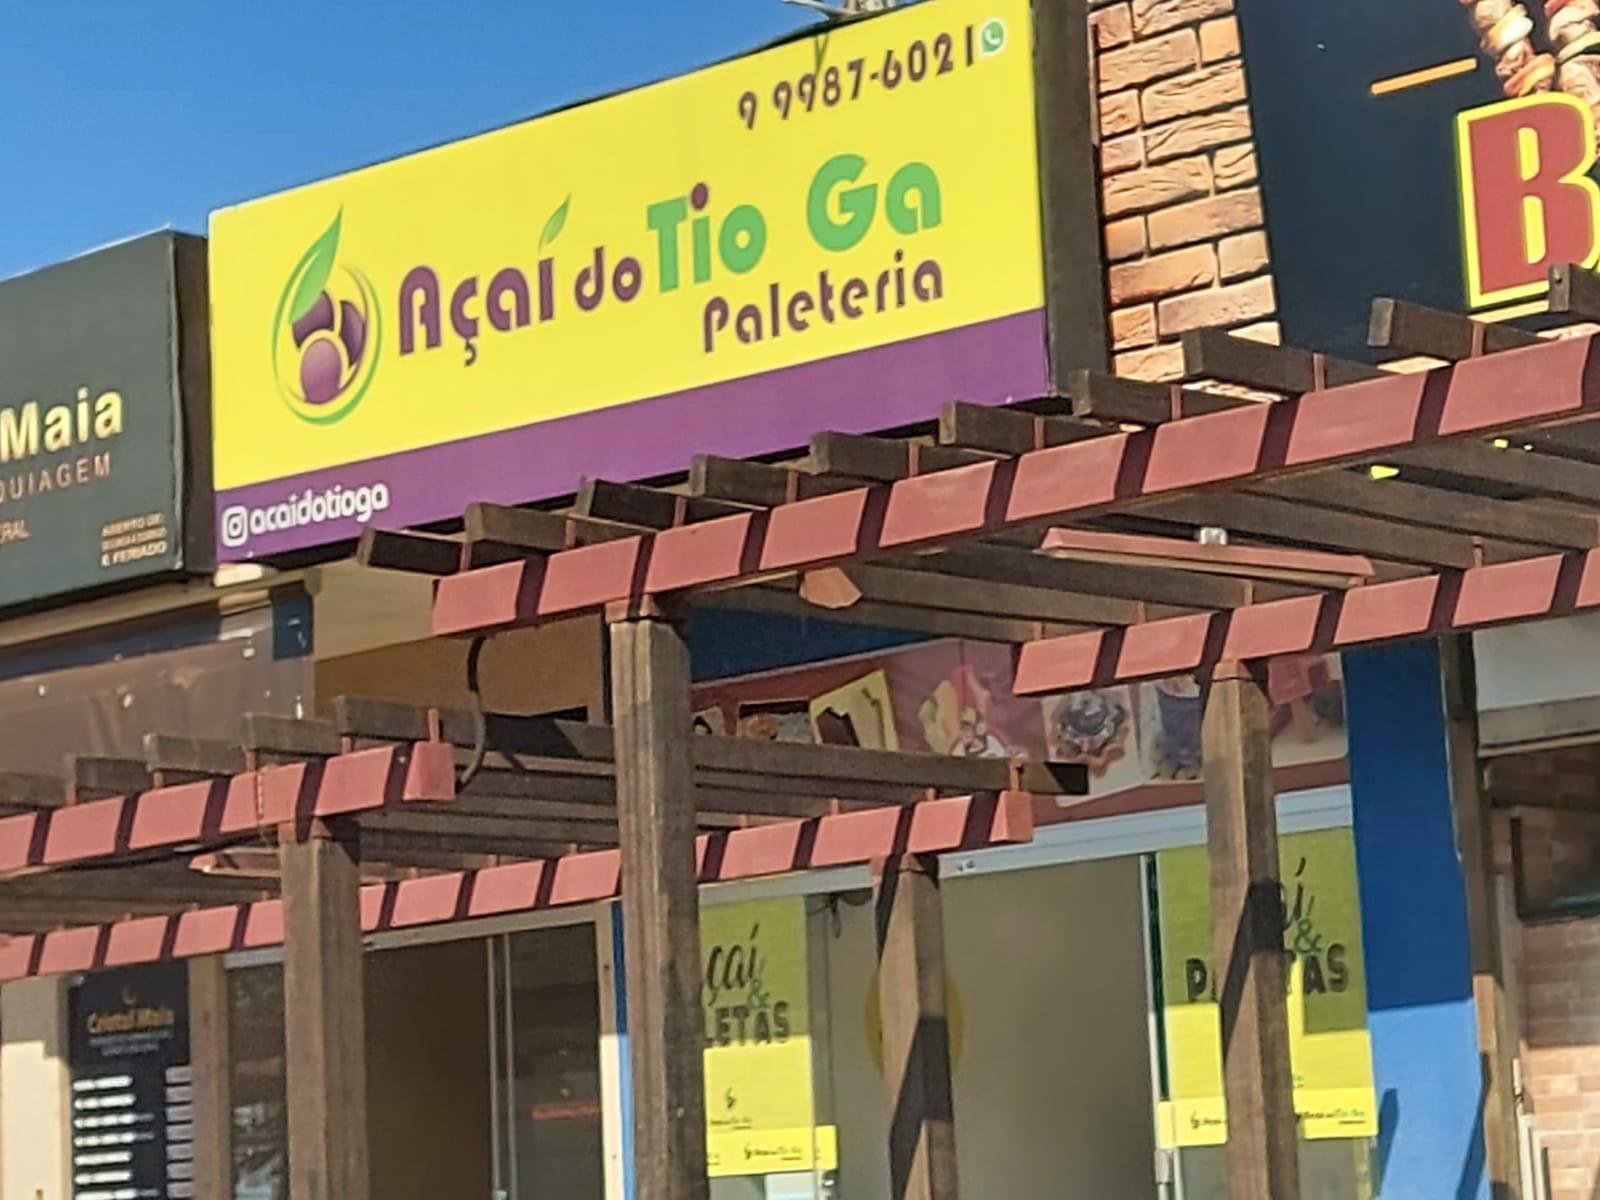 Açai do Tio Ga Paleteria Comércio do Condominio RK, Sobradinho-DF, Comércio Brasilia